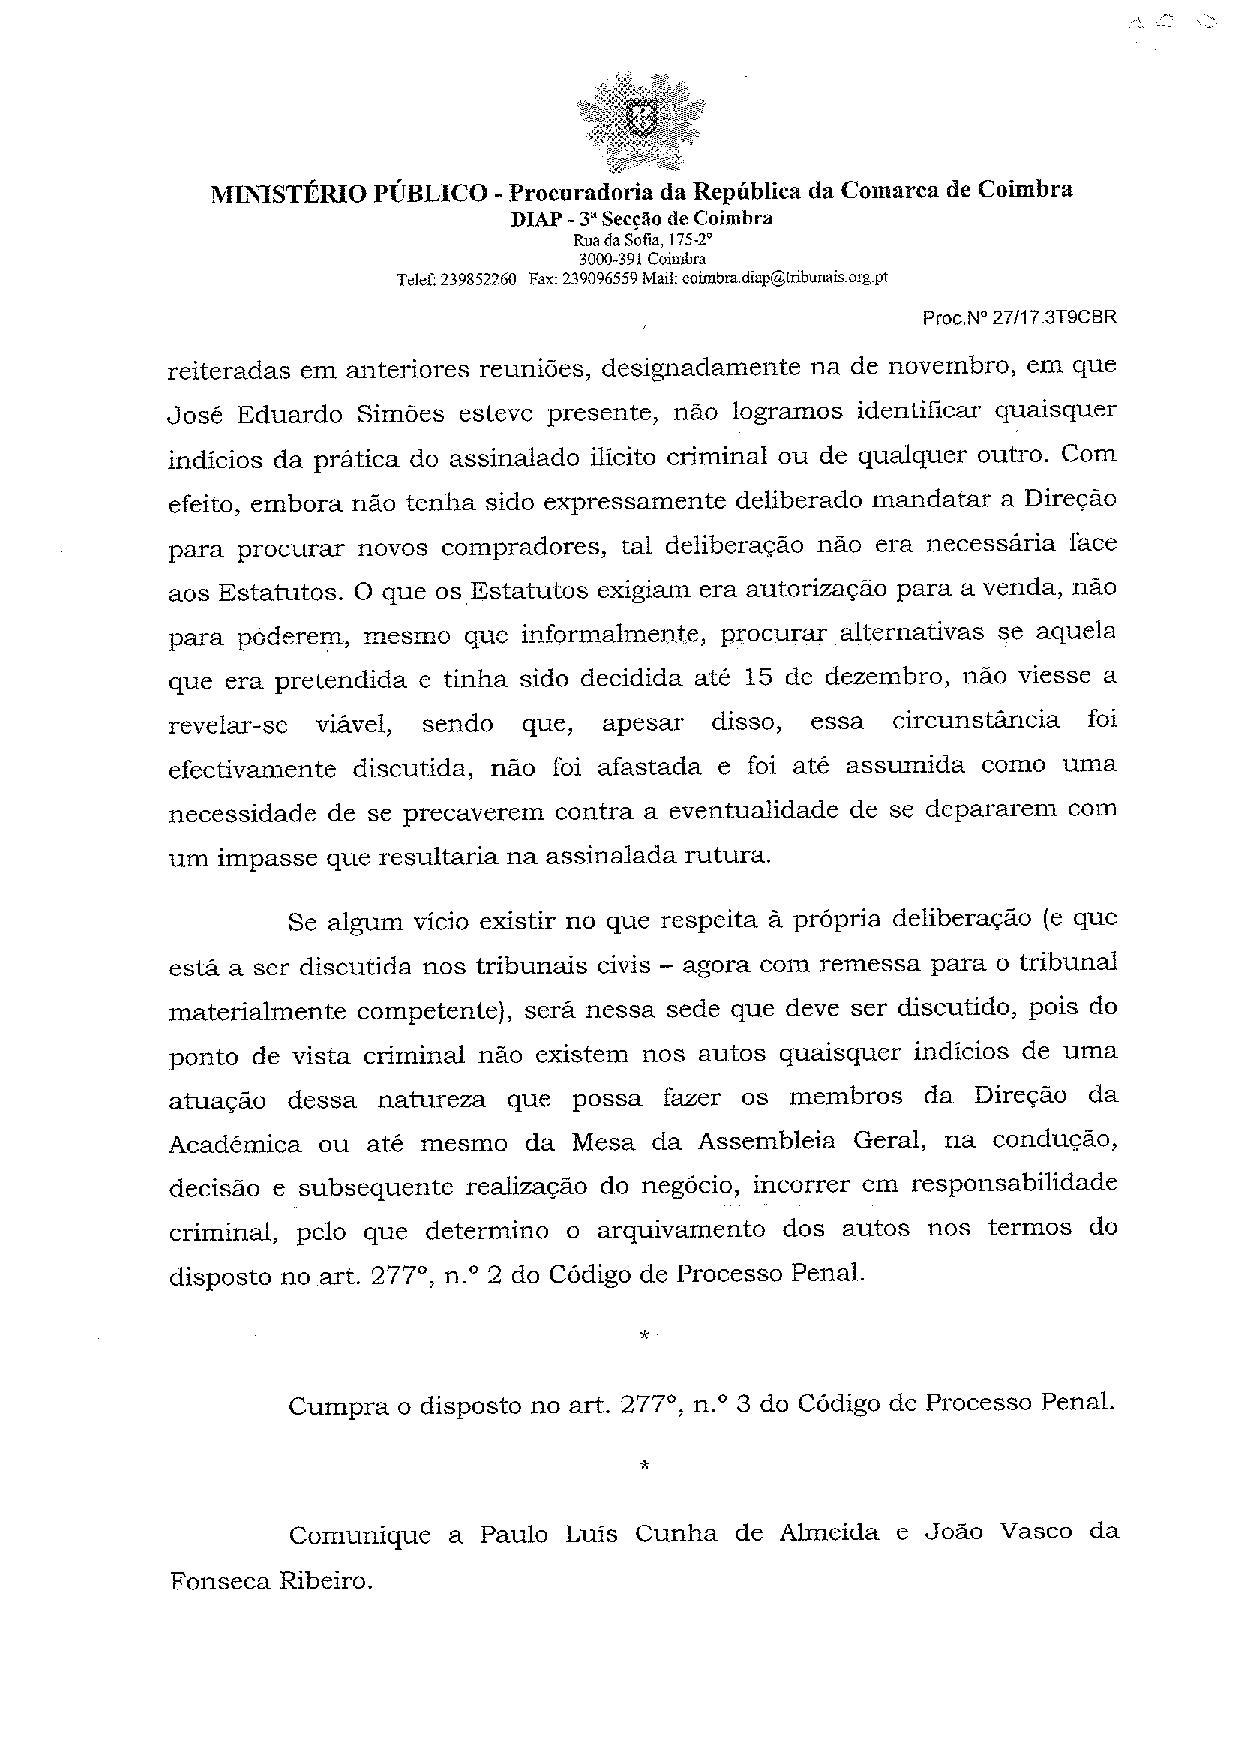 ACA-page-027